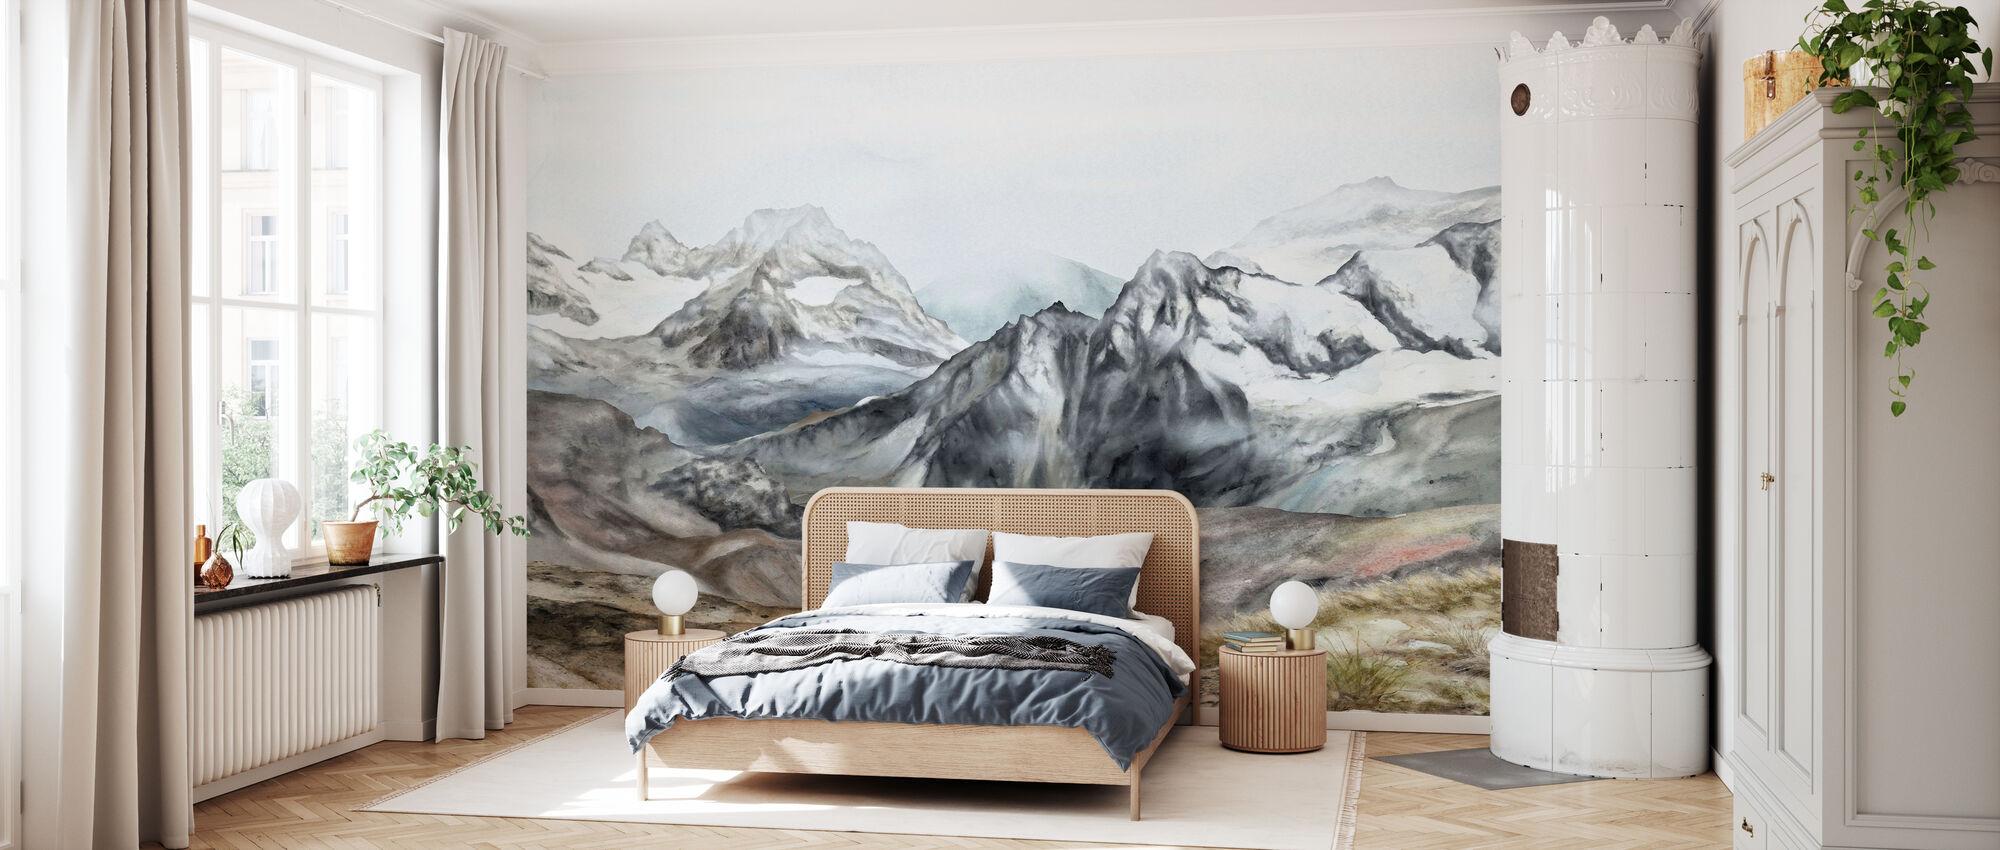 Mountain II - Wallpaper - Bedroom